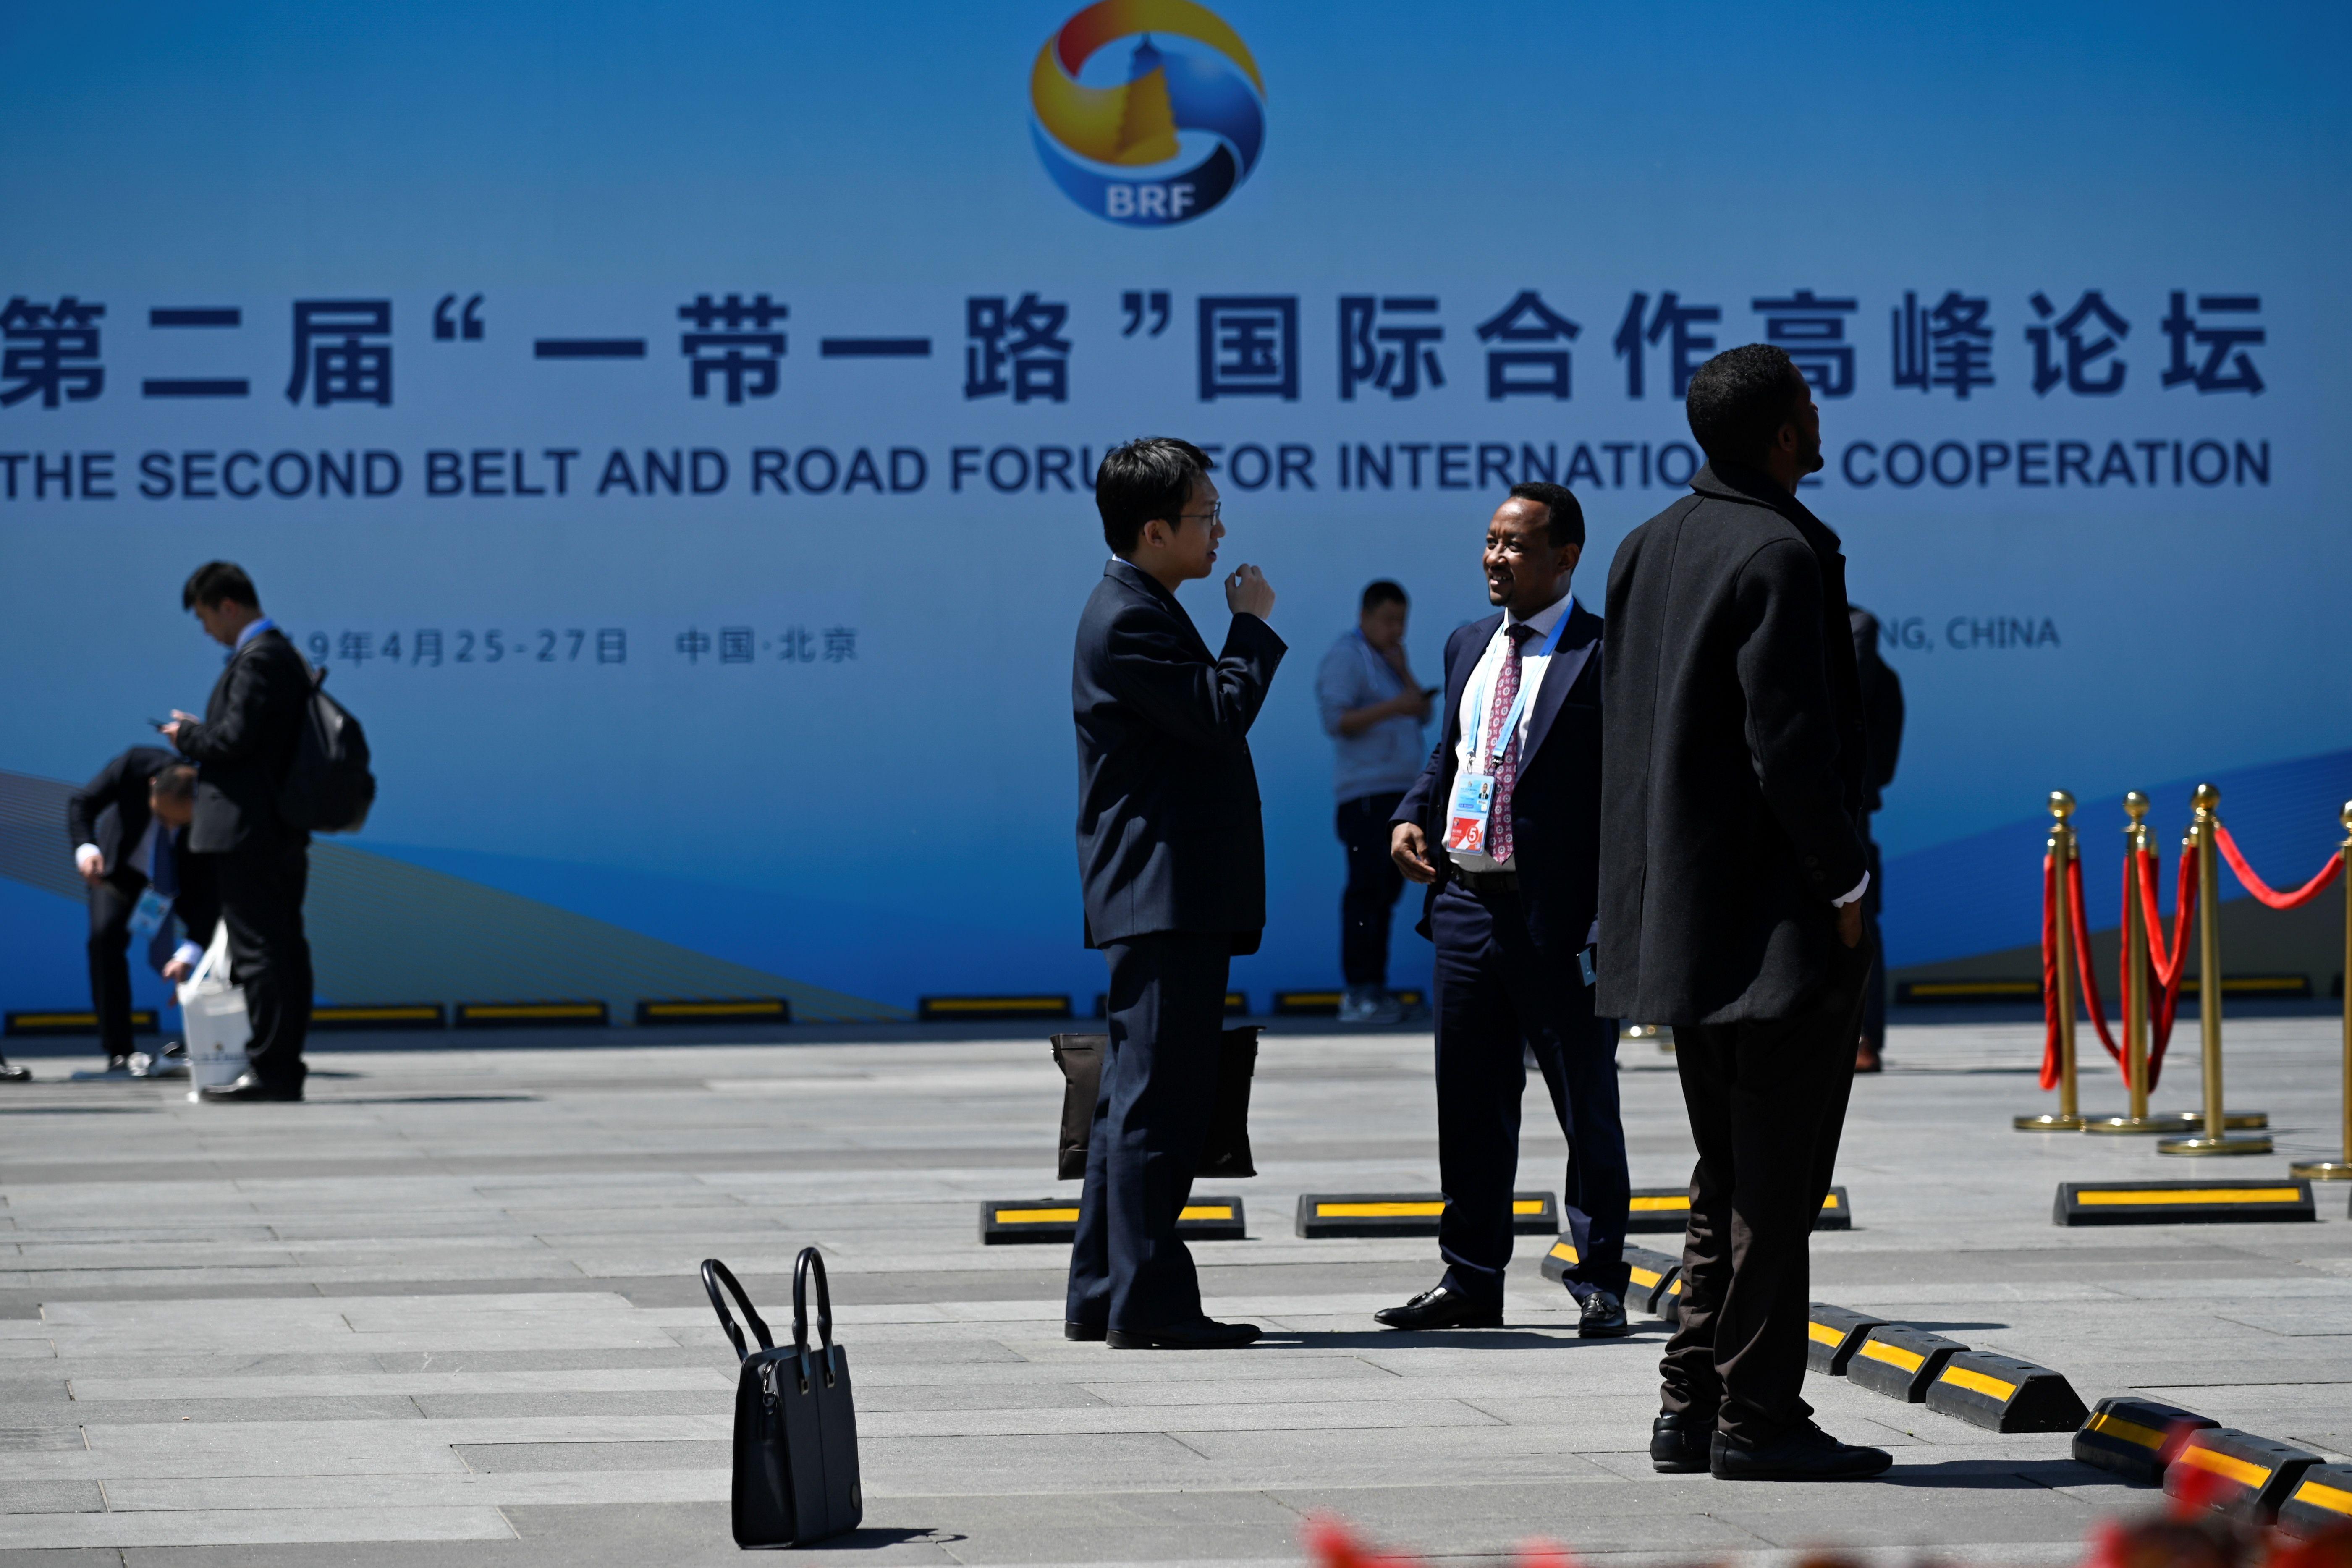 【新聞看點】北京一帶一路峰會為何變低調